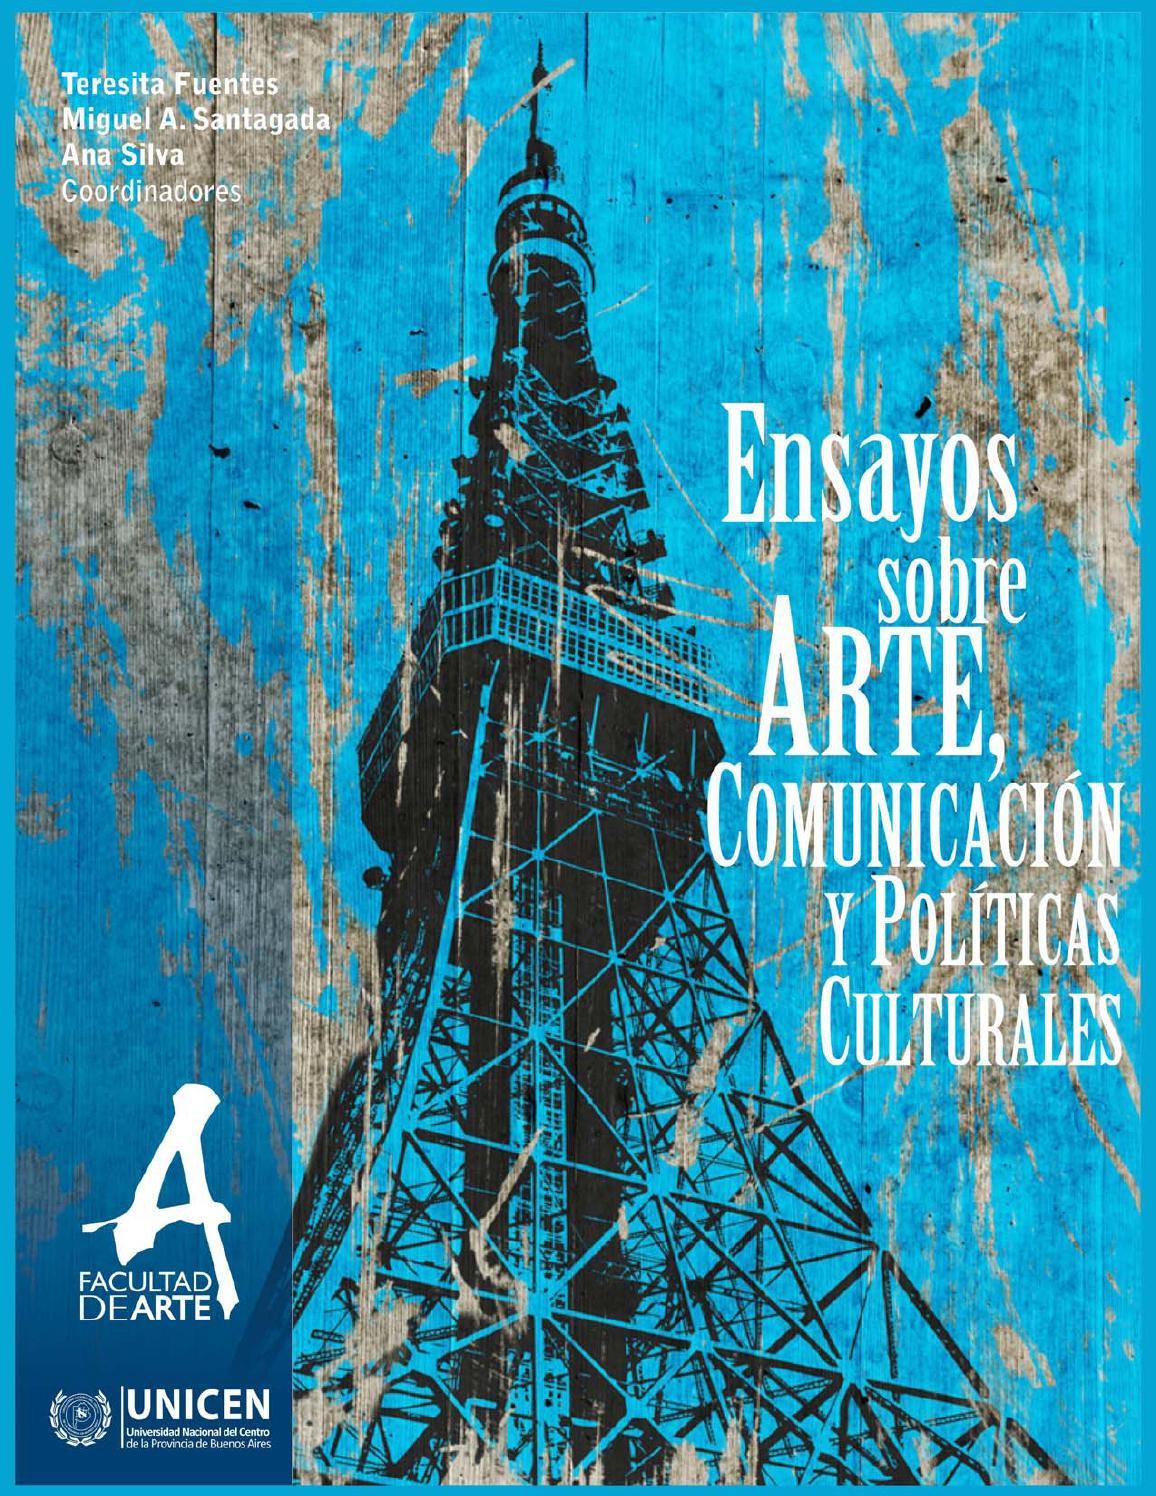 Ensayos sobre arte, comunicacion y politicas culturales by Facultad ...